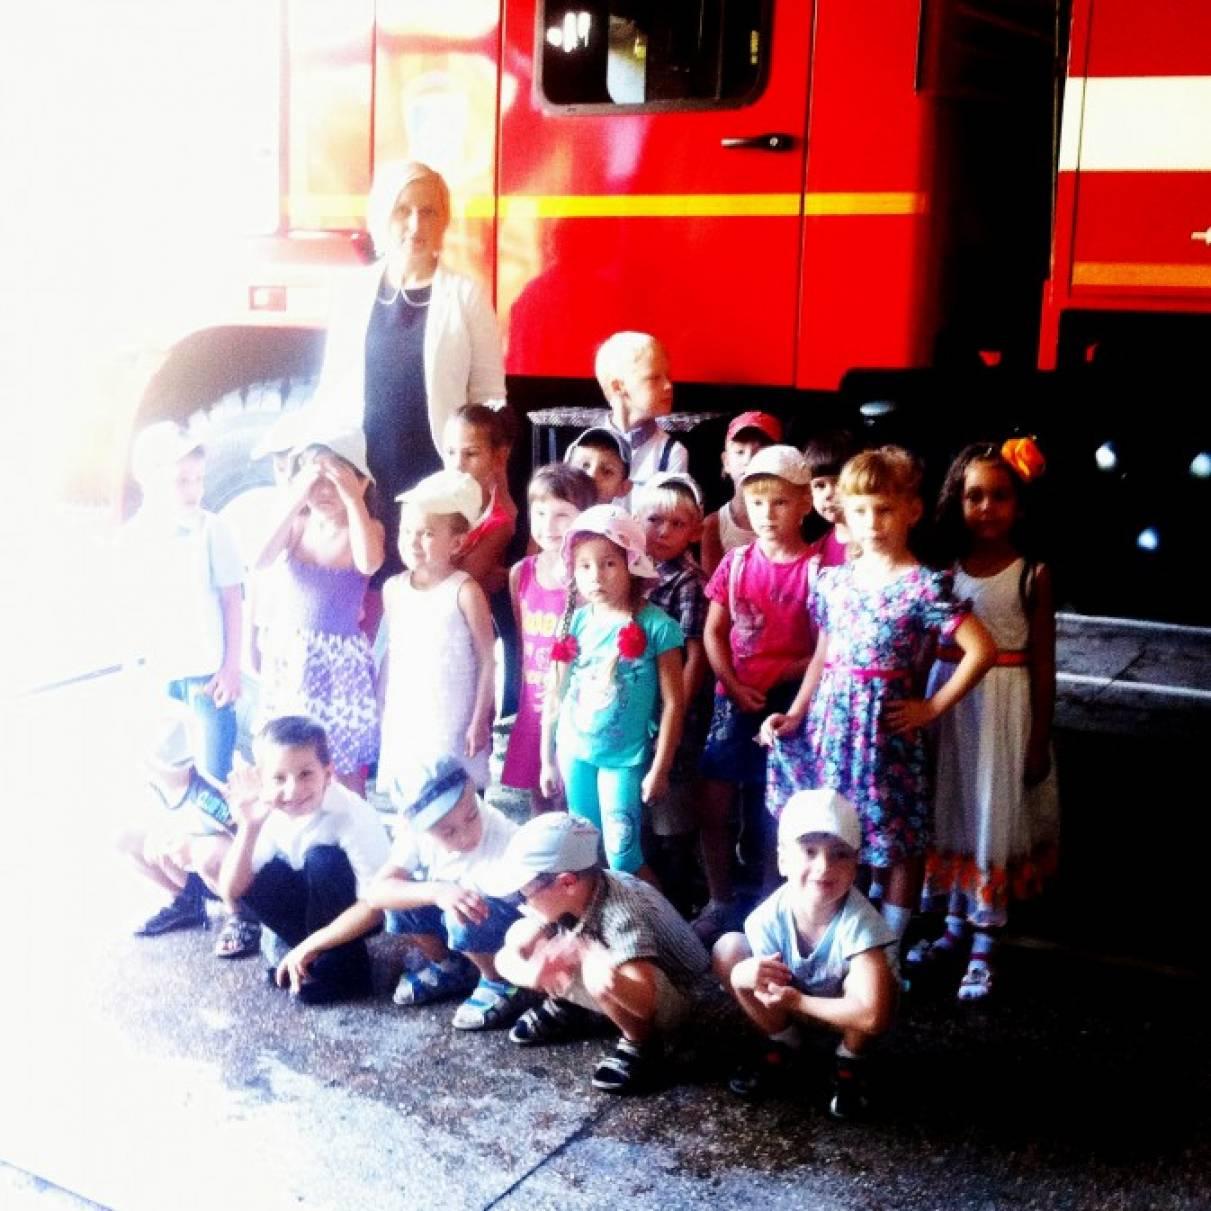 Картинки по пожарной безопасности для детей 12